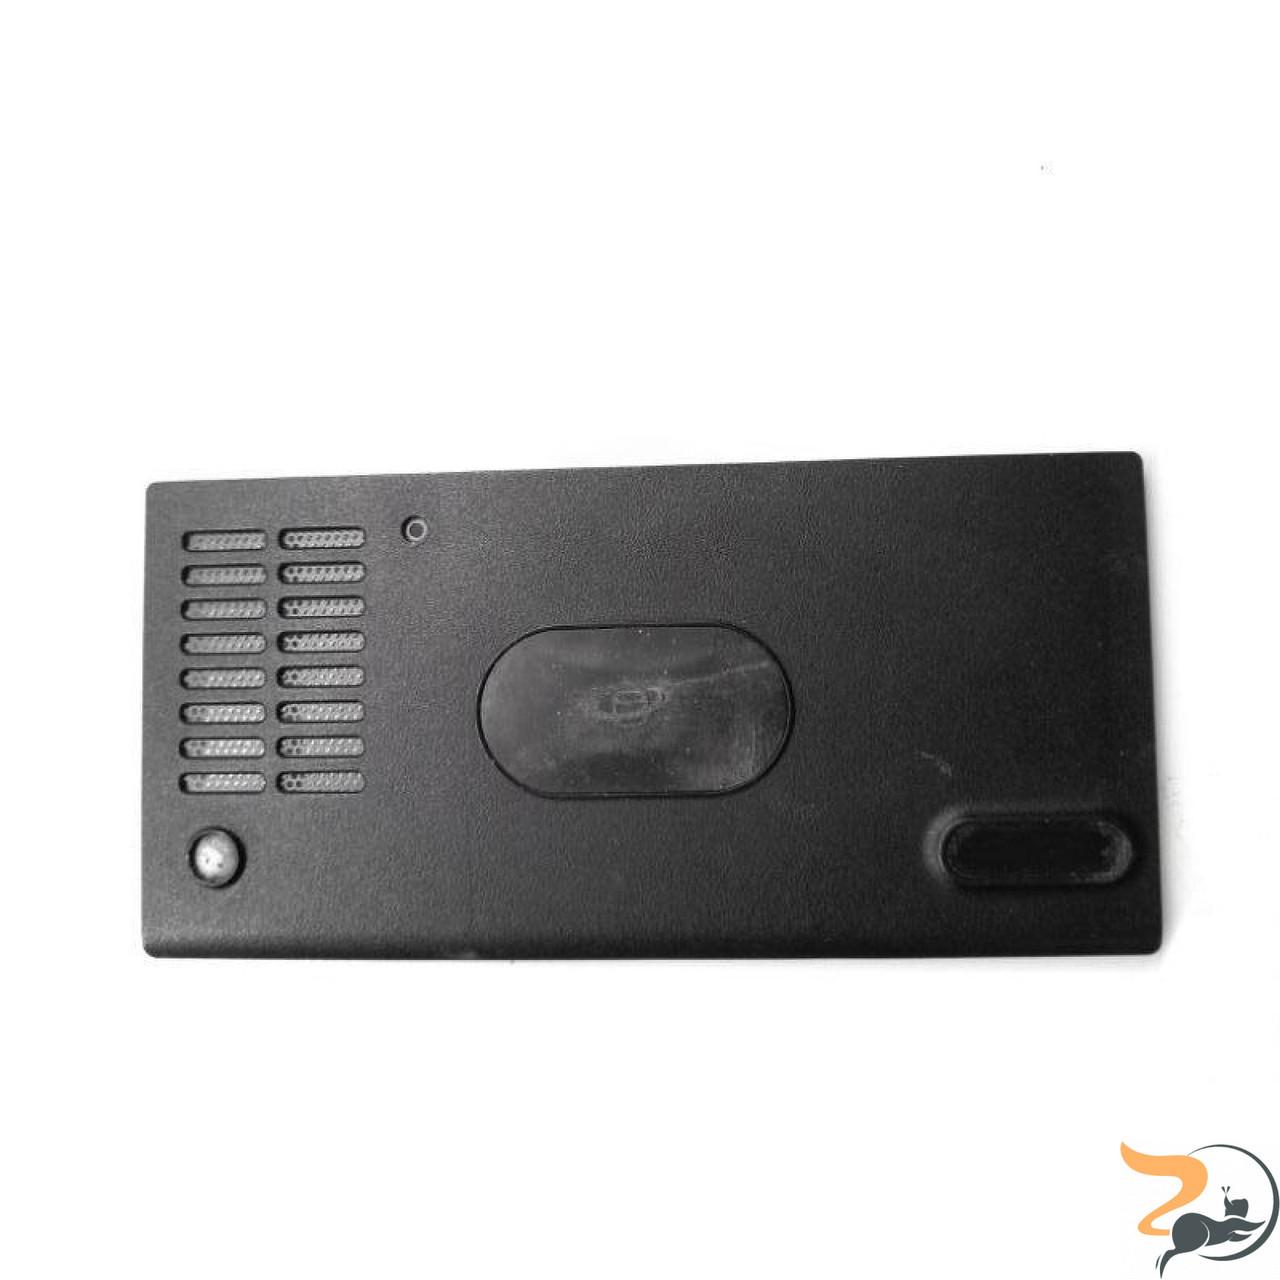 Сервісна кришка для ноутбука Asus X80, 13GNF51AP032-1, Б/В.